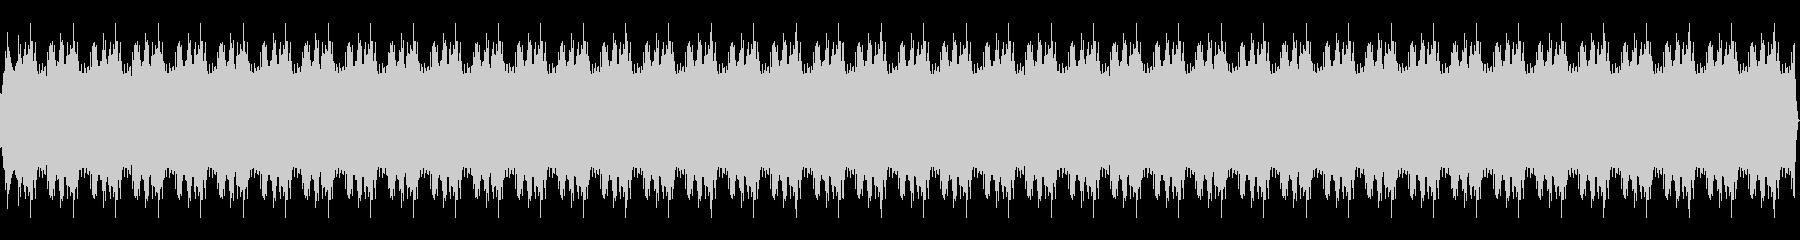 20【396Hz】ソルフェジオ周波数の未再生の波形